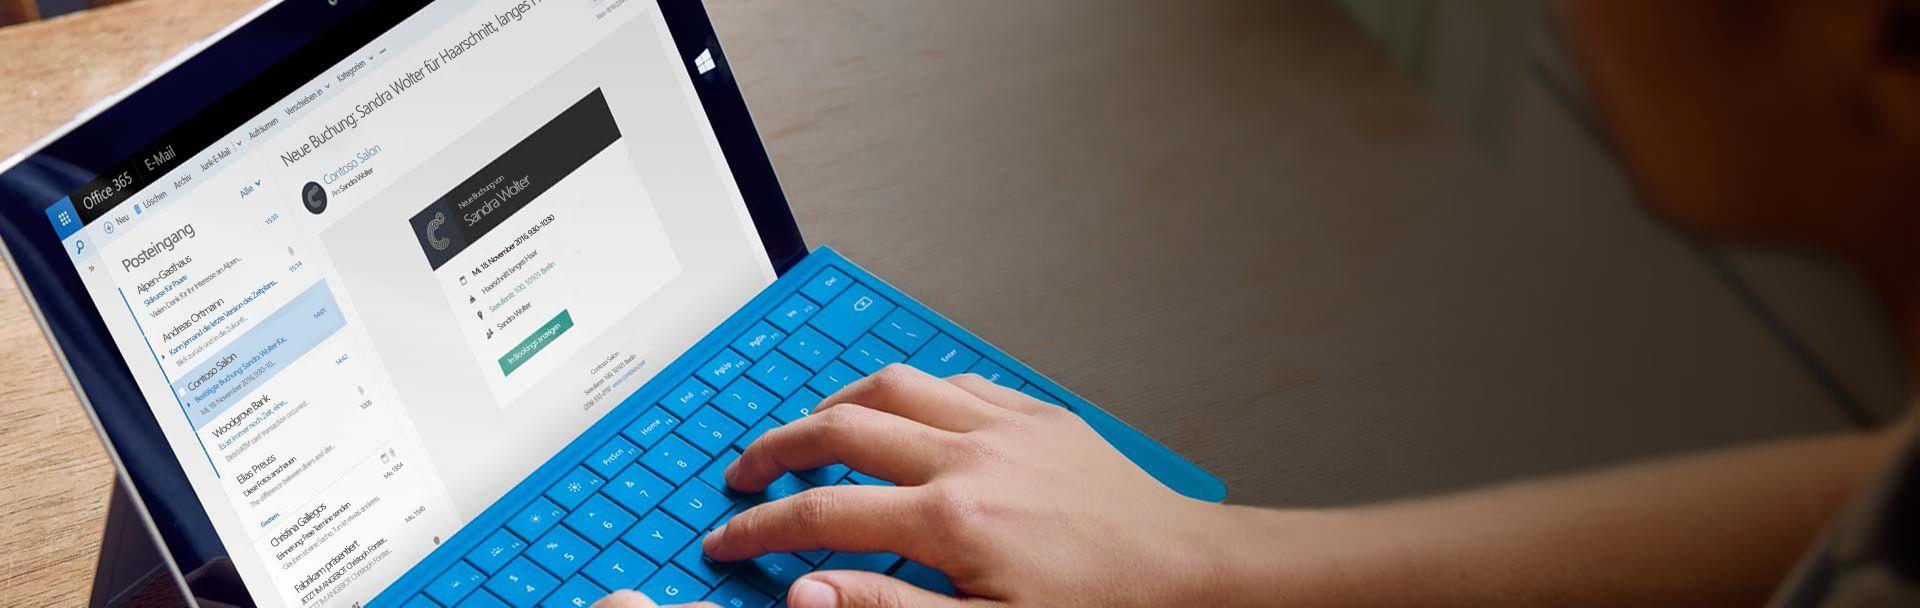 Ein Tablet mit einer Office 365 Microsoft Bookings-Terminerinnerung in einer E-Mail